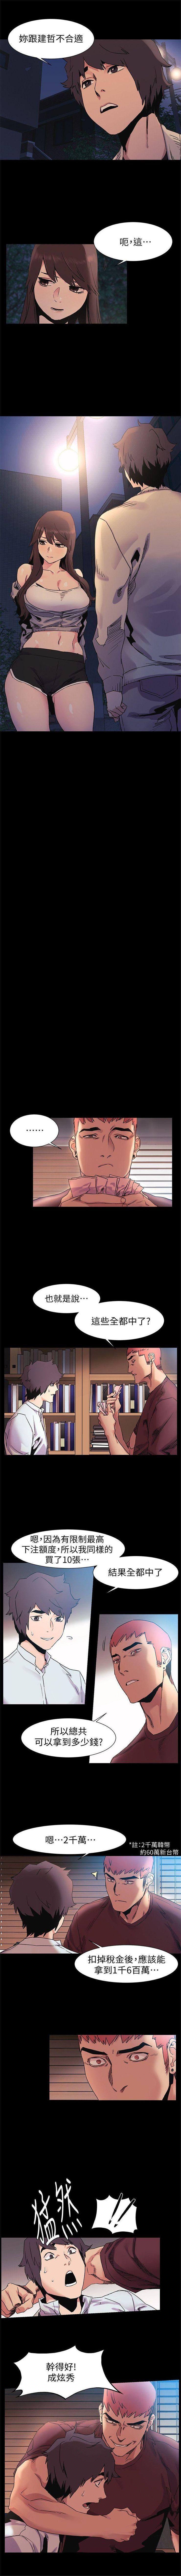 (週5)衝突 1-91 中文翻譯 (更新中) 193